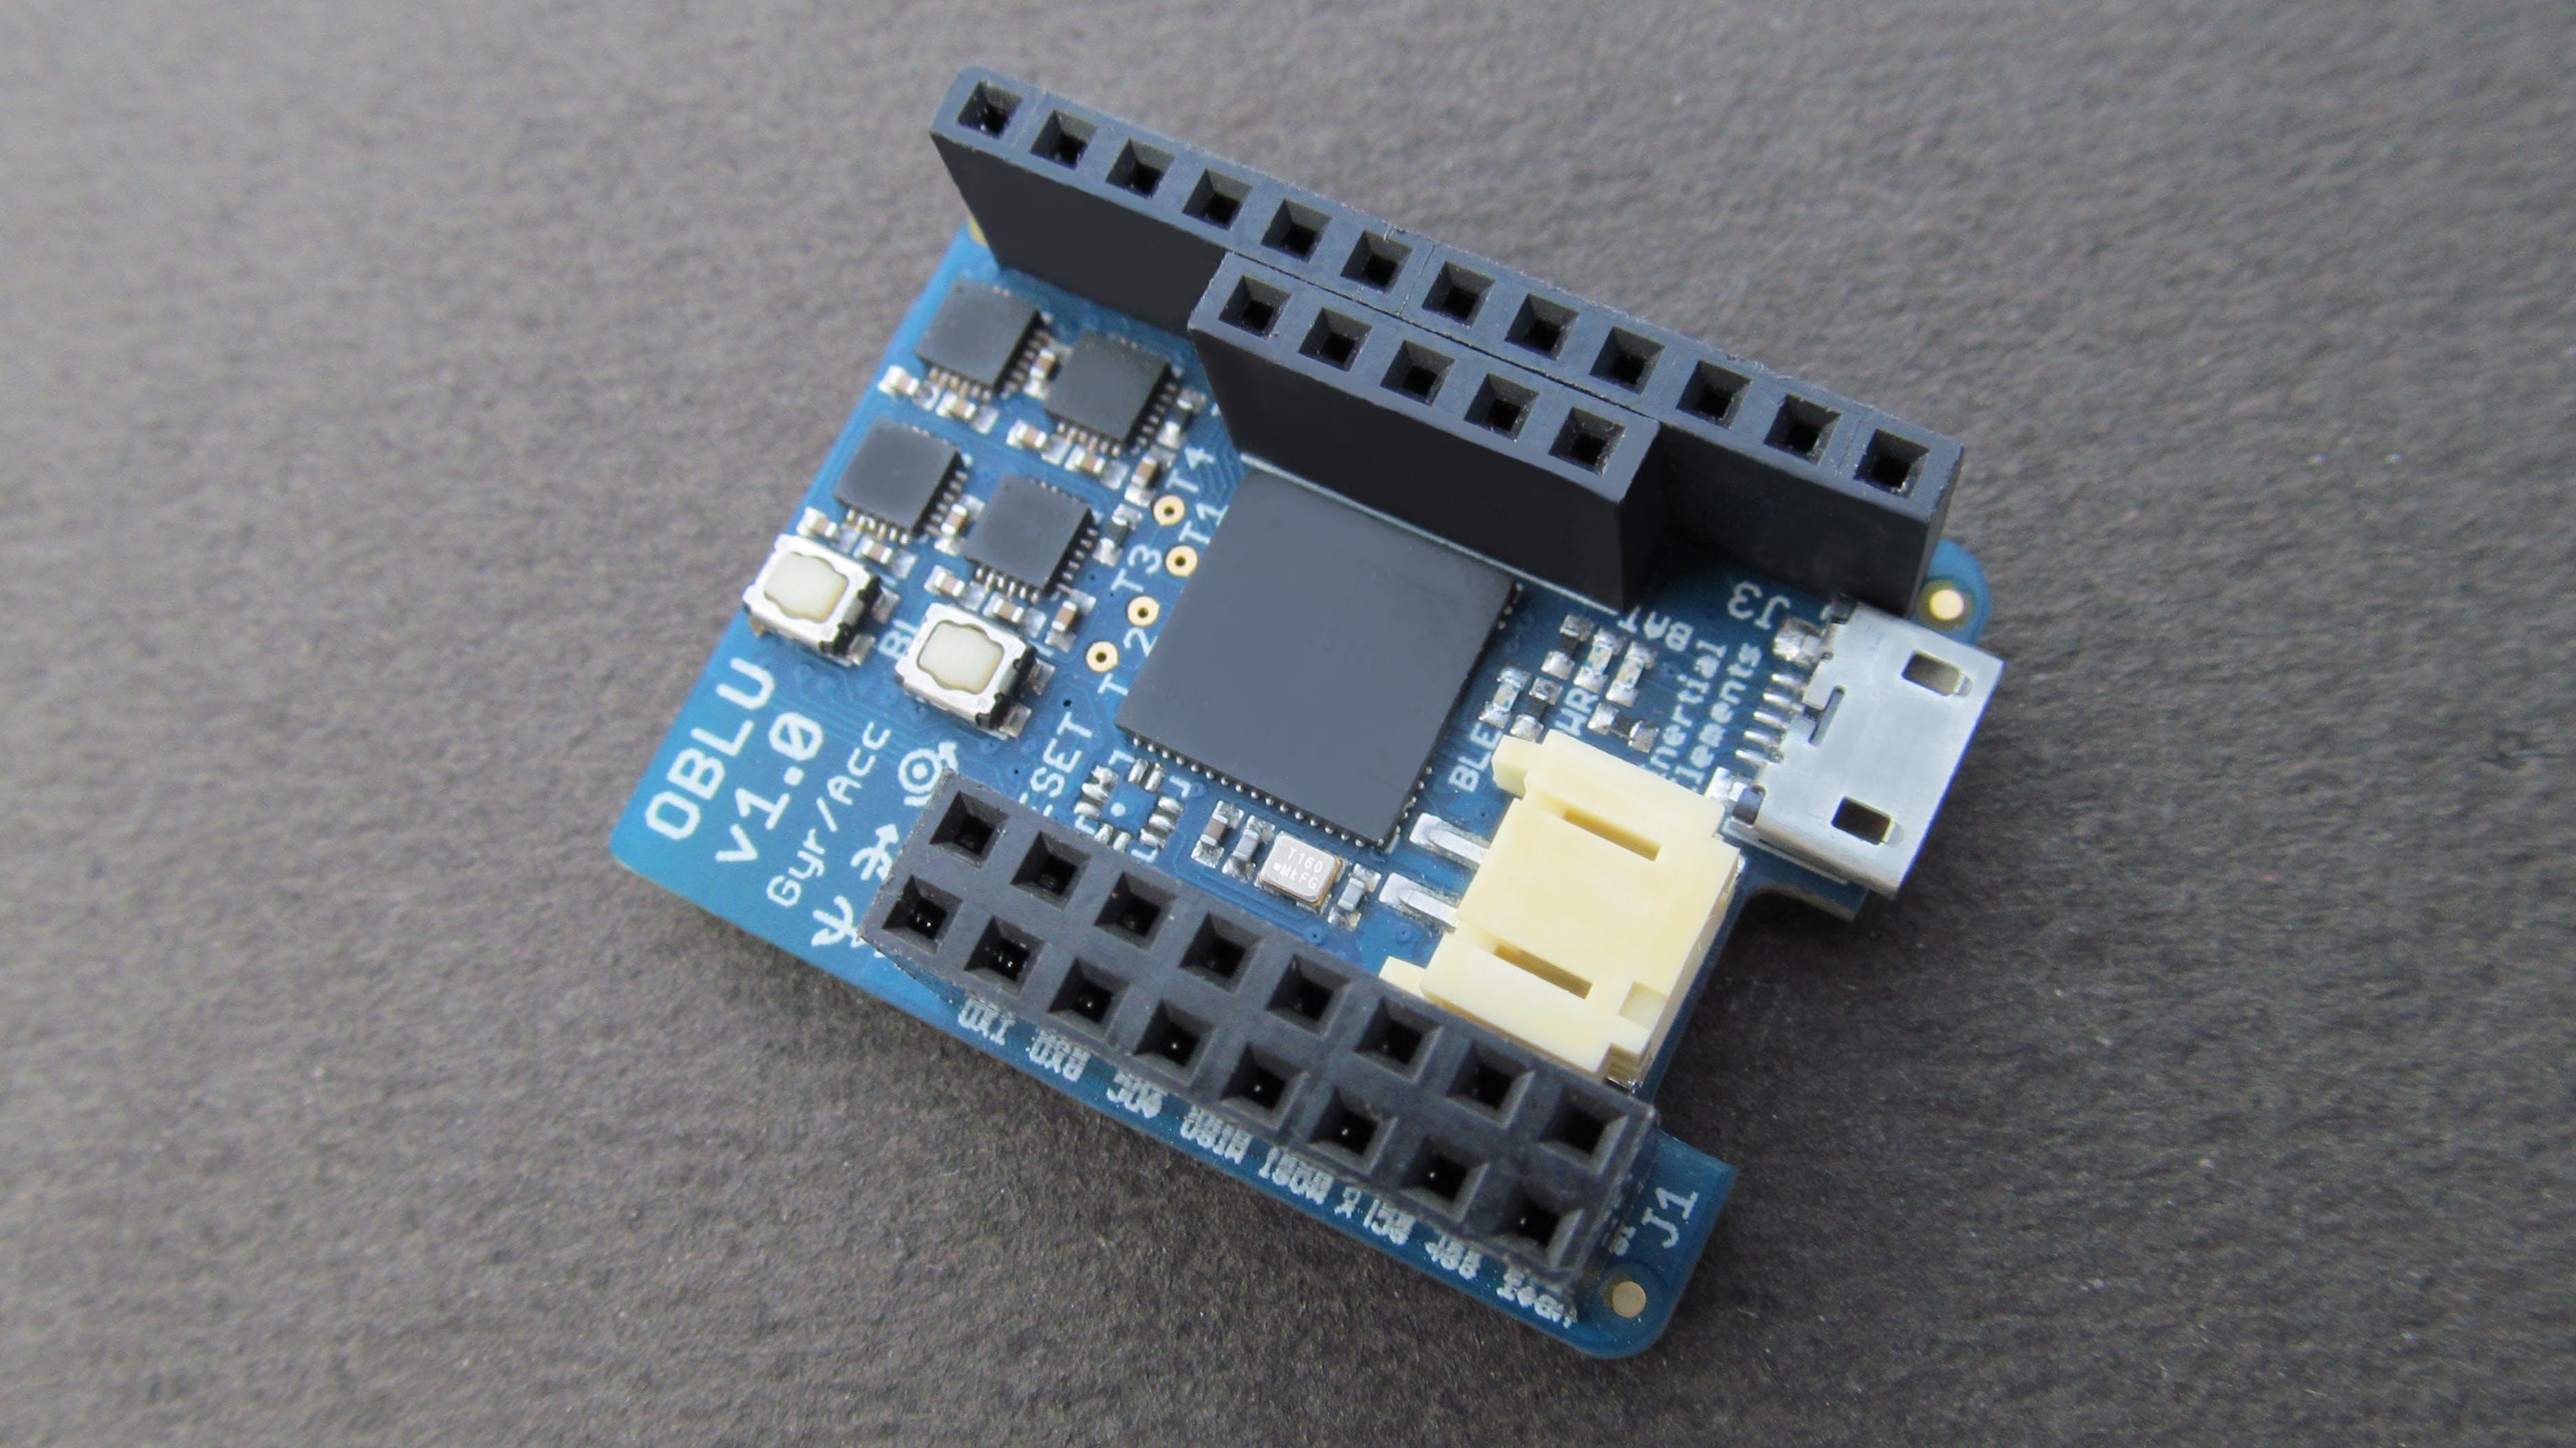 oblu - an opensource inertial sensing platform